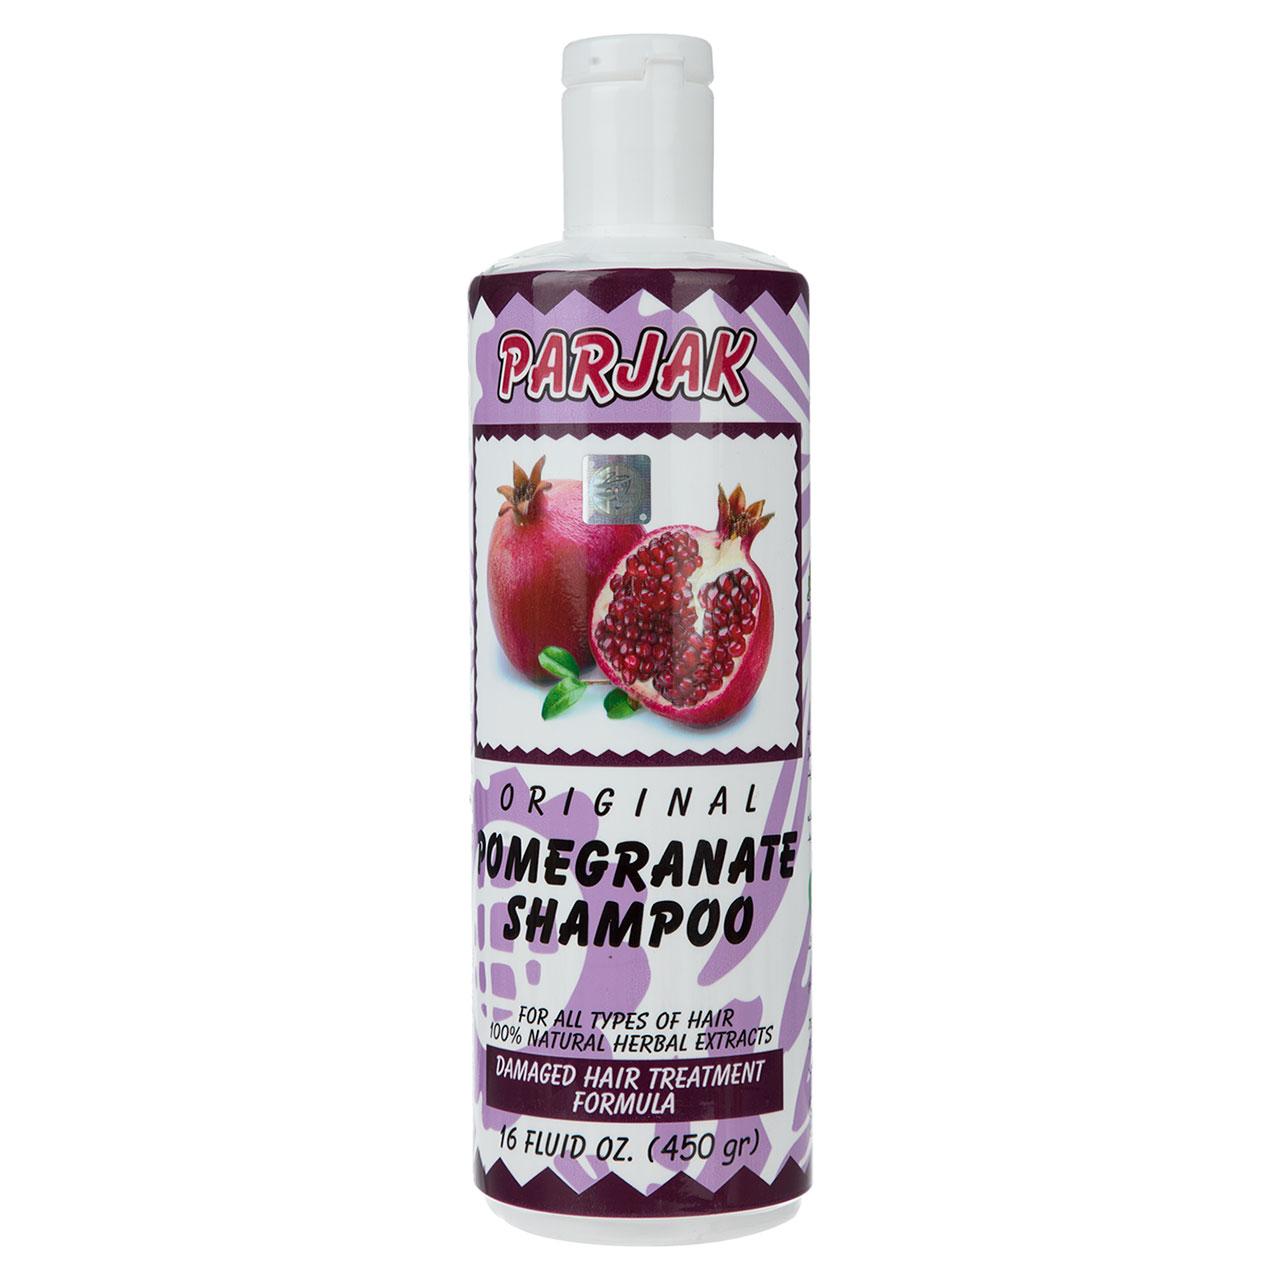 قیمت شامپو پرژک مدل Pomegranate مقدار 450 میلی لیتر